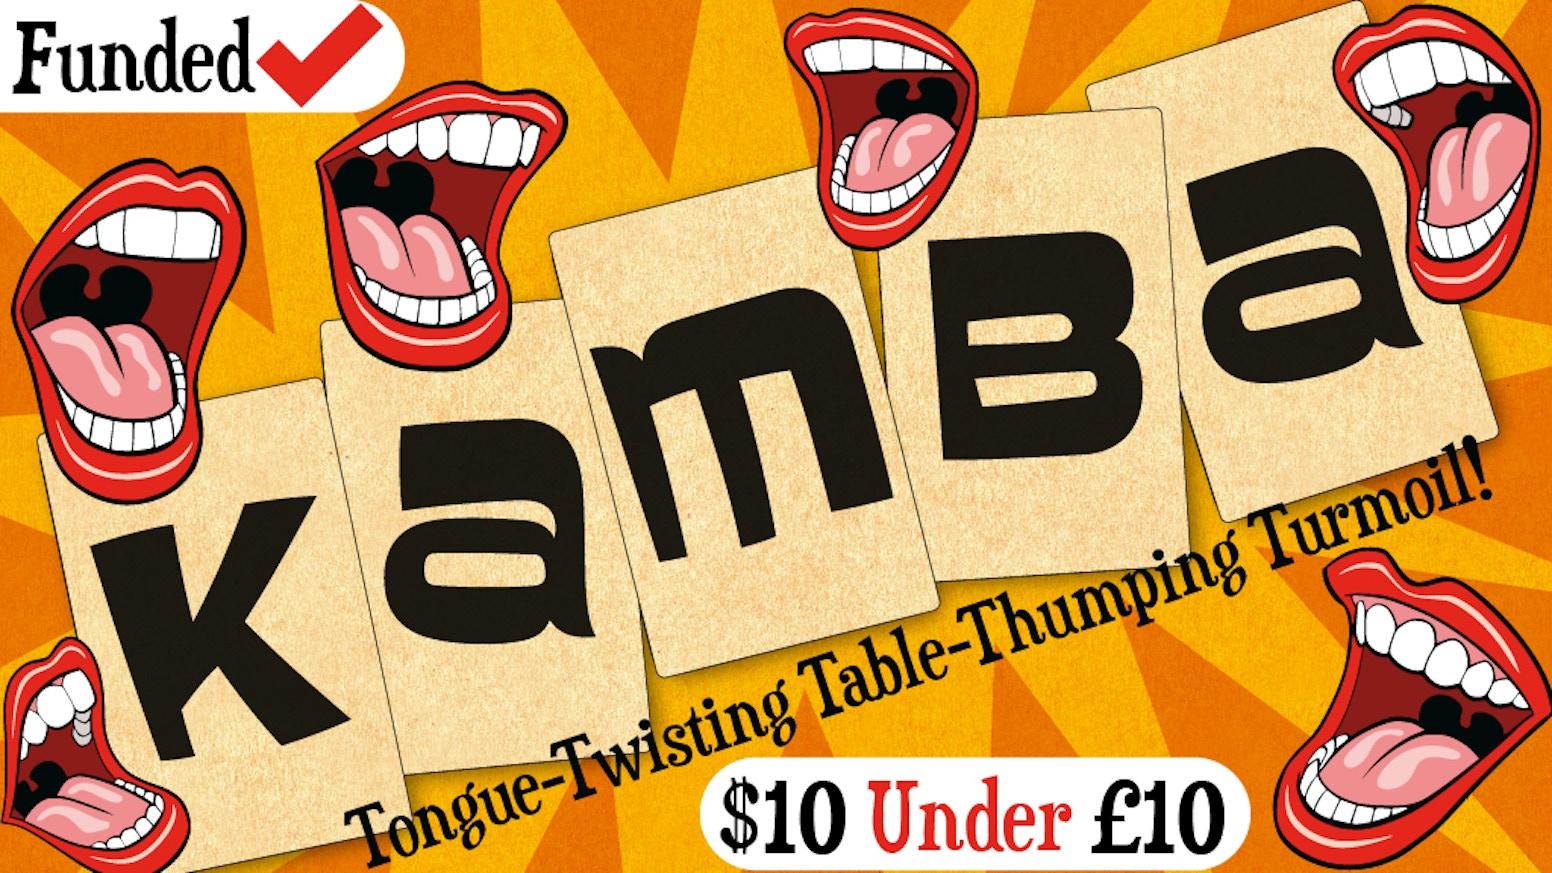 Tongue twisting, table thumping turmoil.